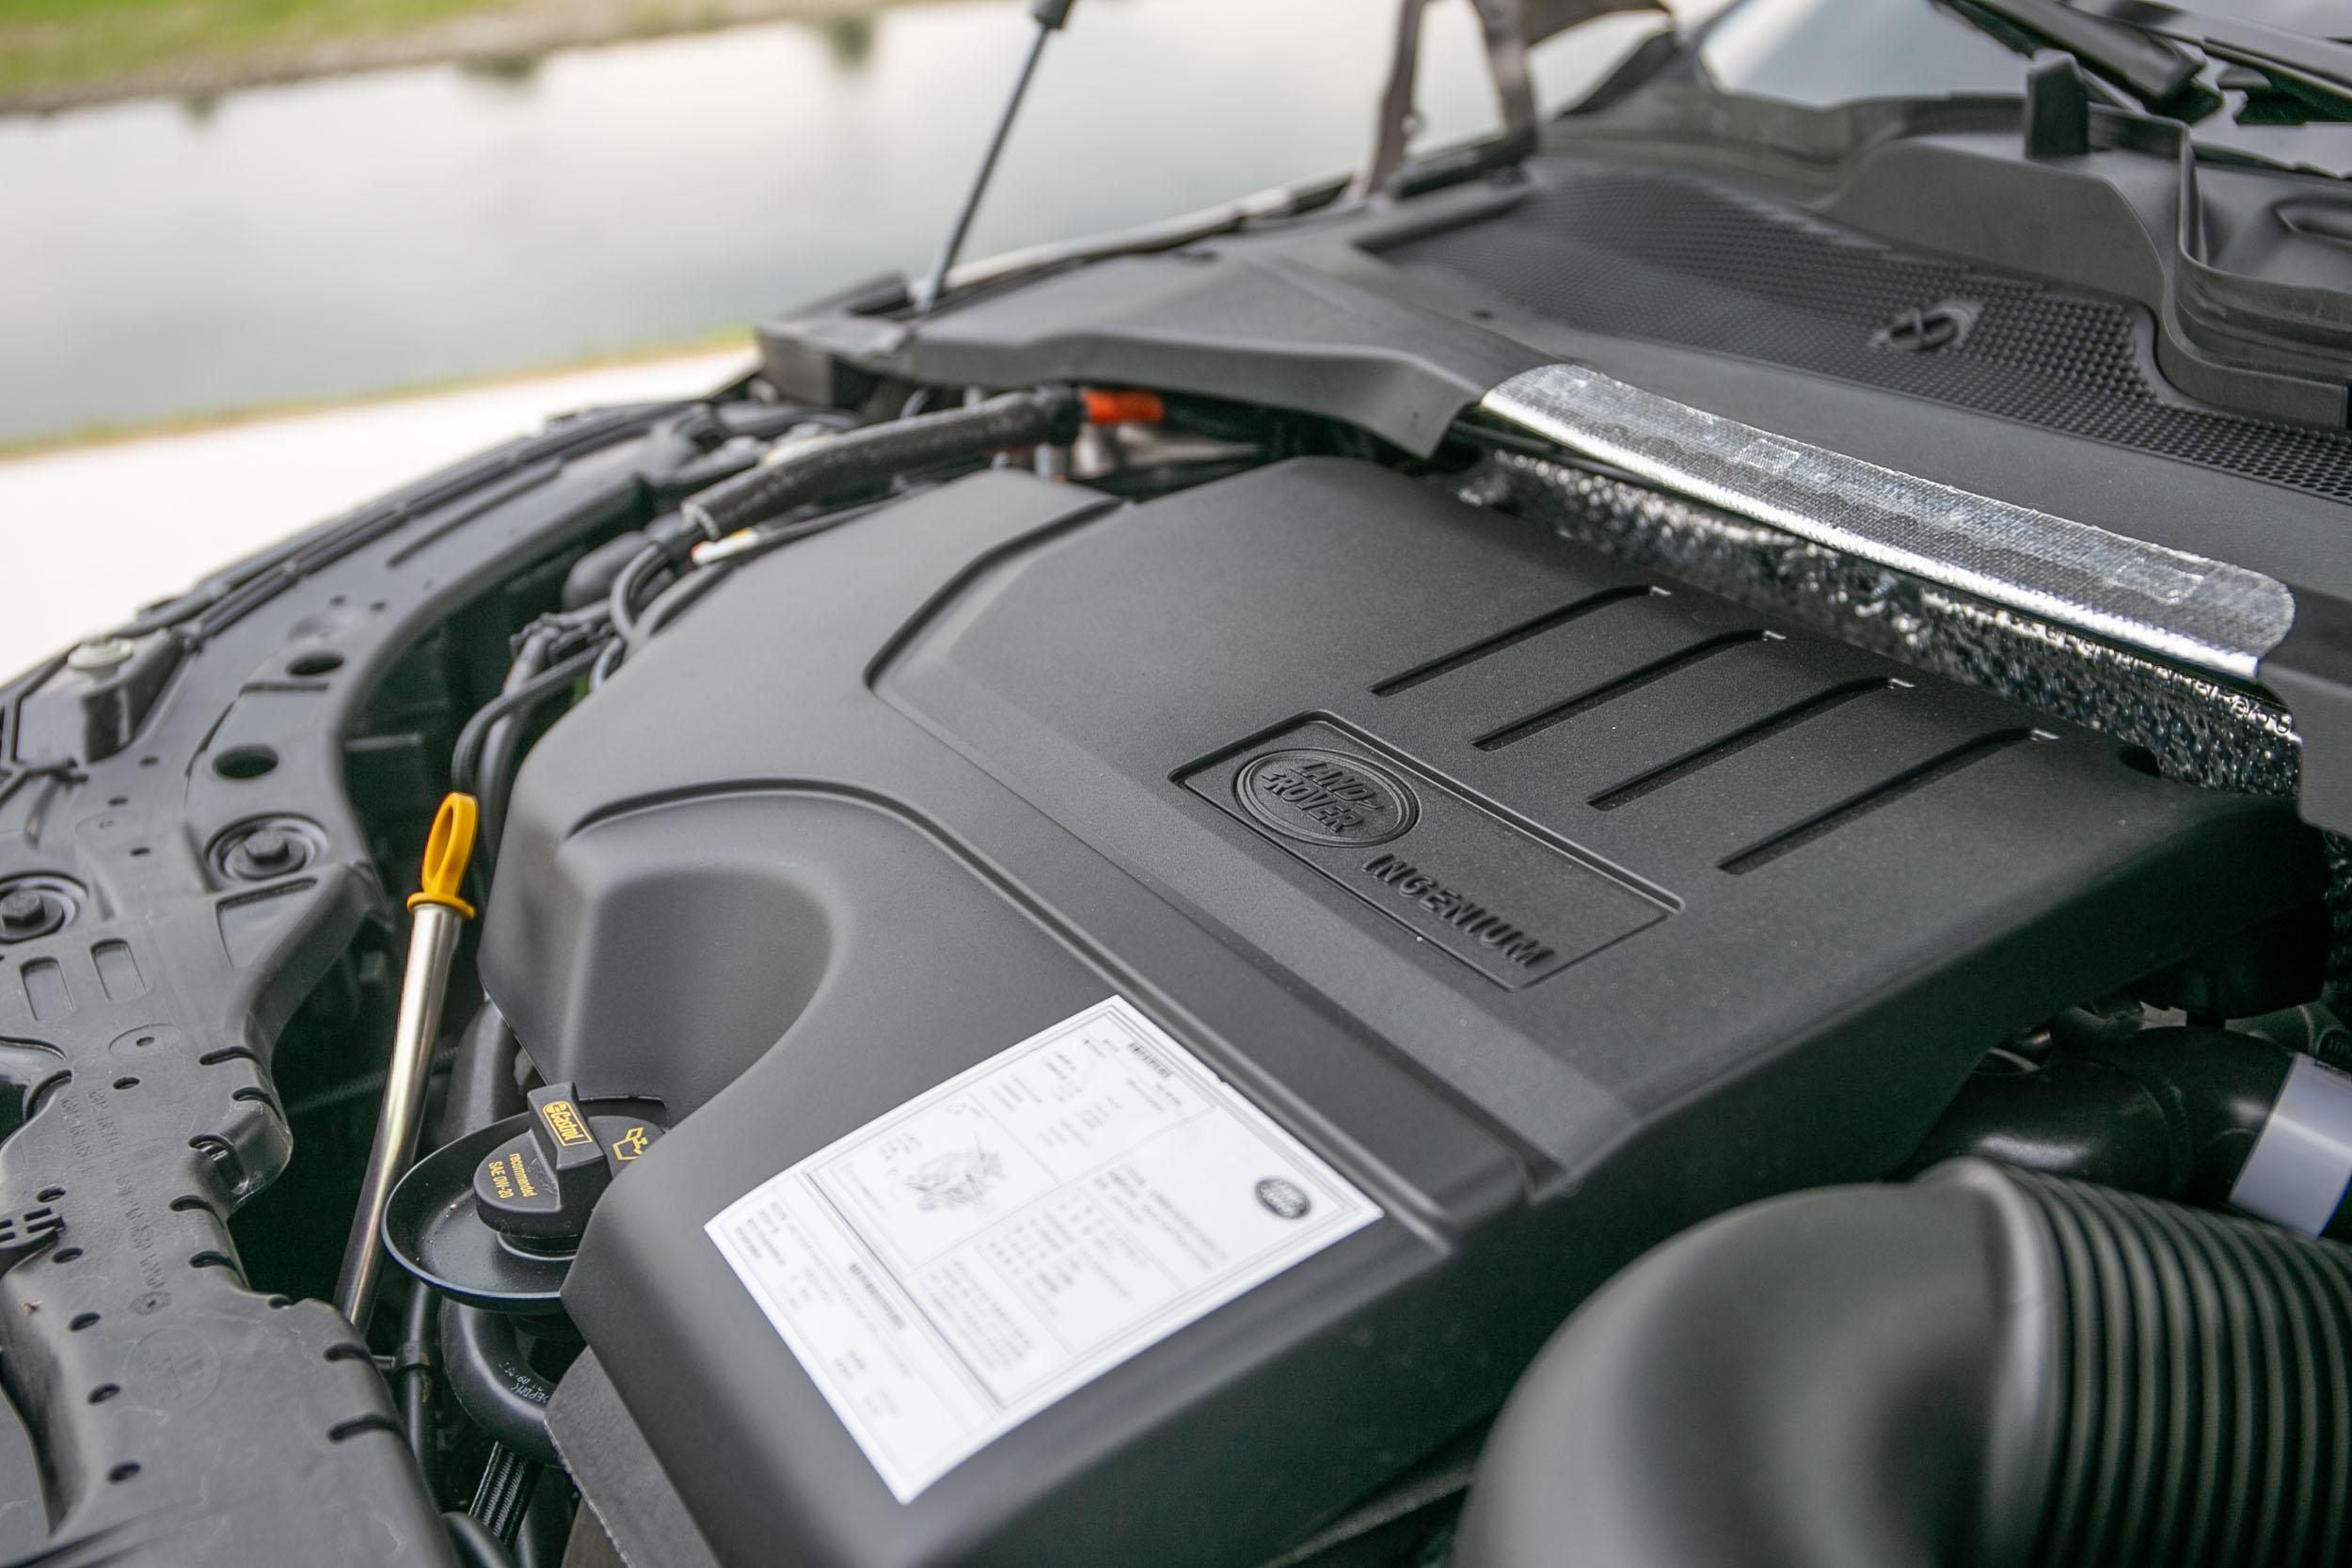 搭載Ingenium 2.0L的直列四缸渦輪增壓汽油引擎,最大馬力為 249ps/5500rpm,最大扭力為 365Nm/4500rpm。